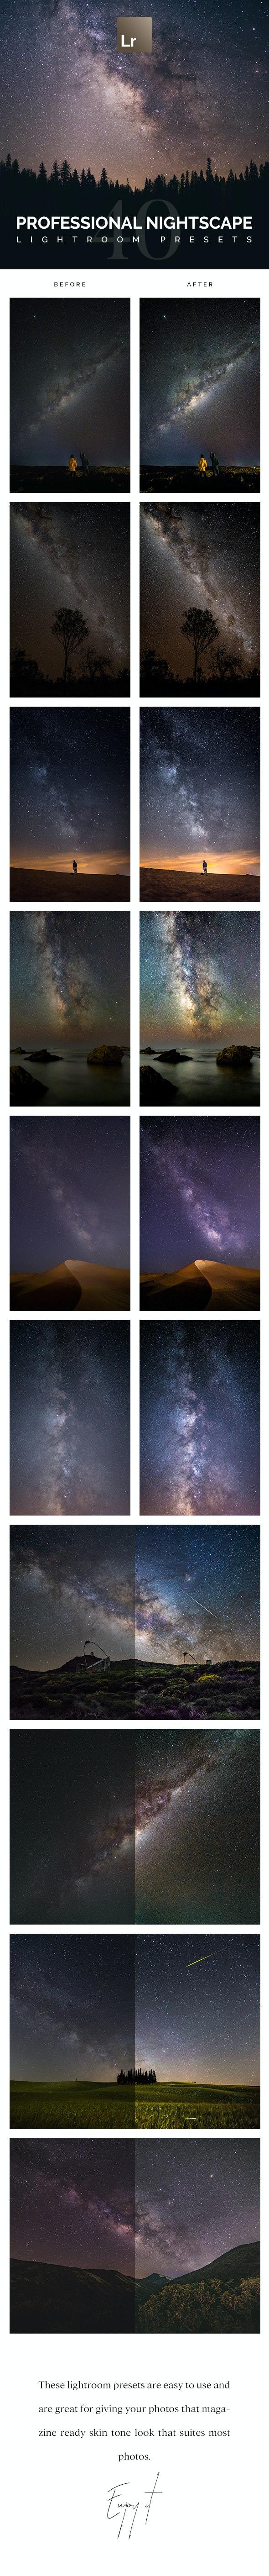 40 Professional Nightscape Lightroom Presets - HDR Lightroom Presets